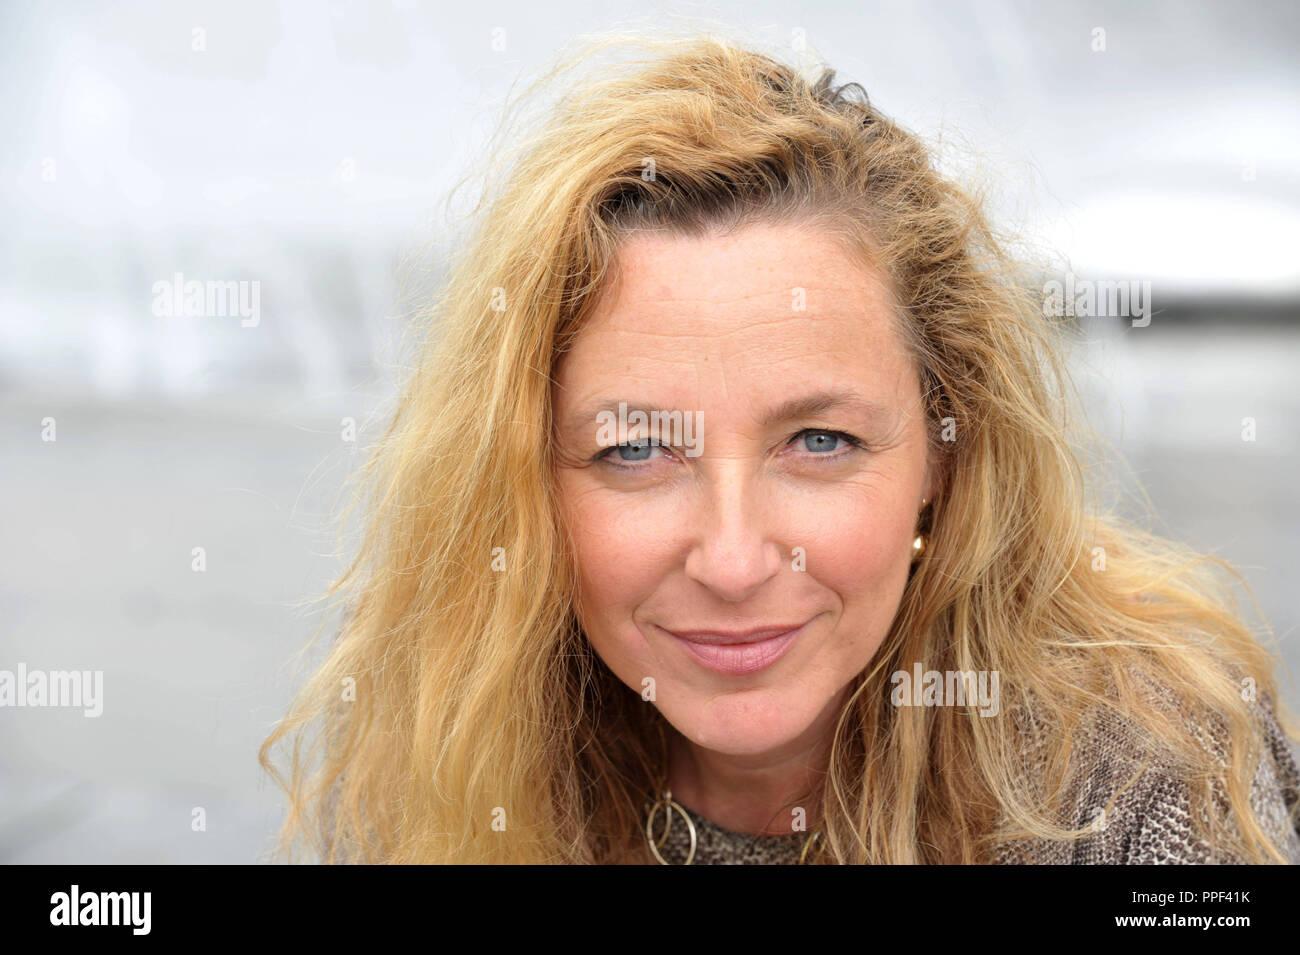 Diana Iljine, Geschäftsführer der Münchner Filmwochen und Direktor des Filmfest München, dargestellt am Stachus Brunnens. Stockbild